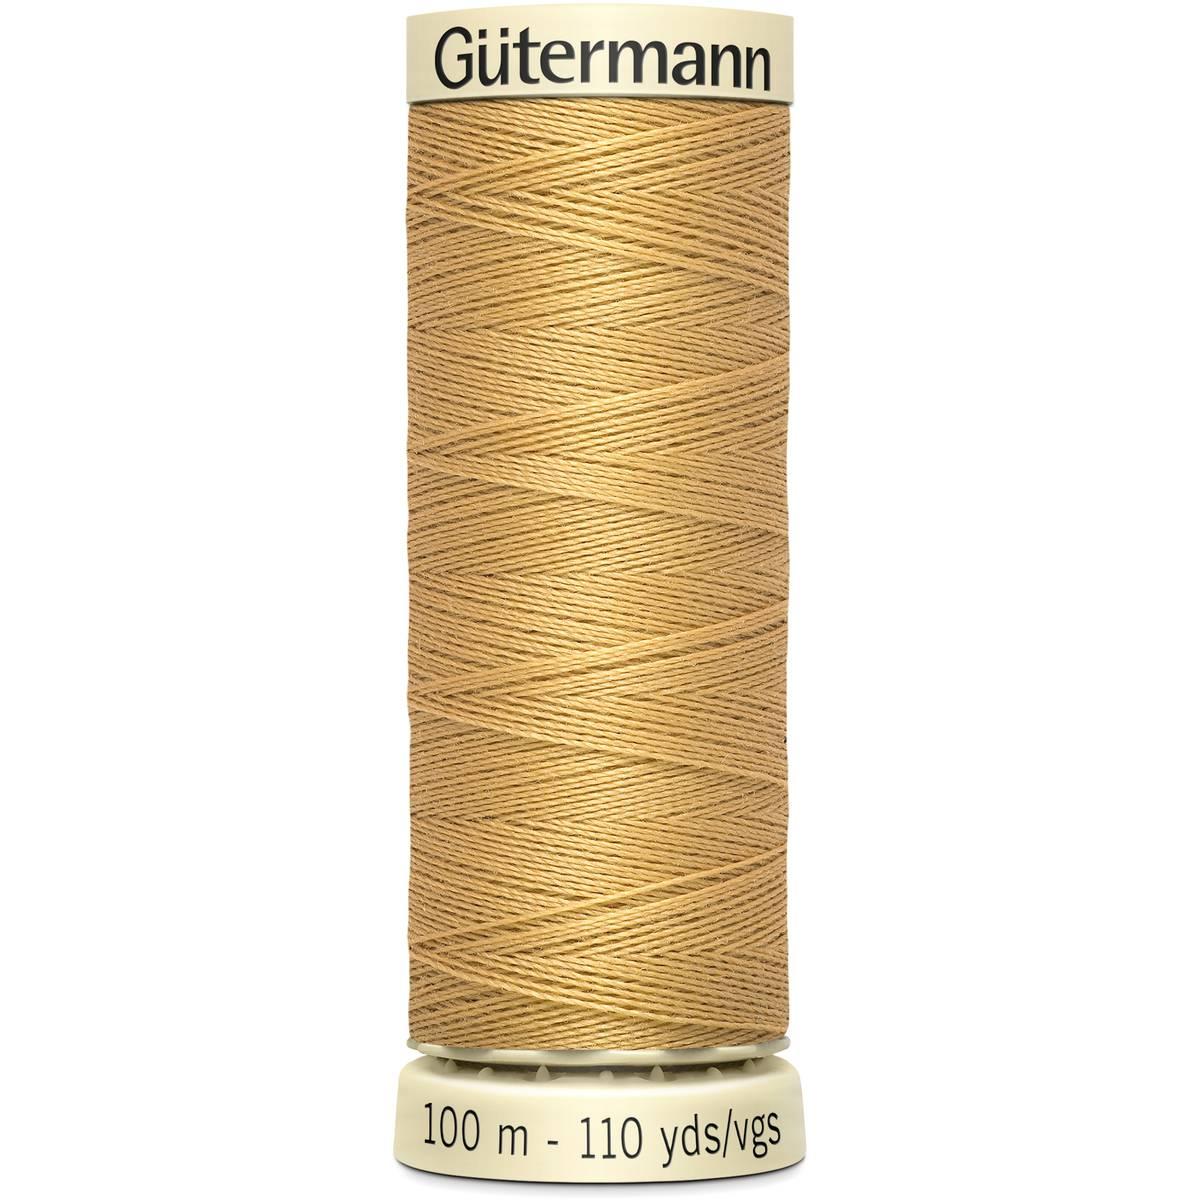 חוט תפירה גוטרמן - Yellow 893